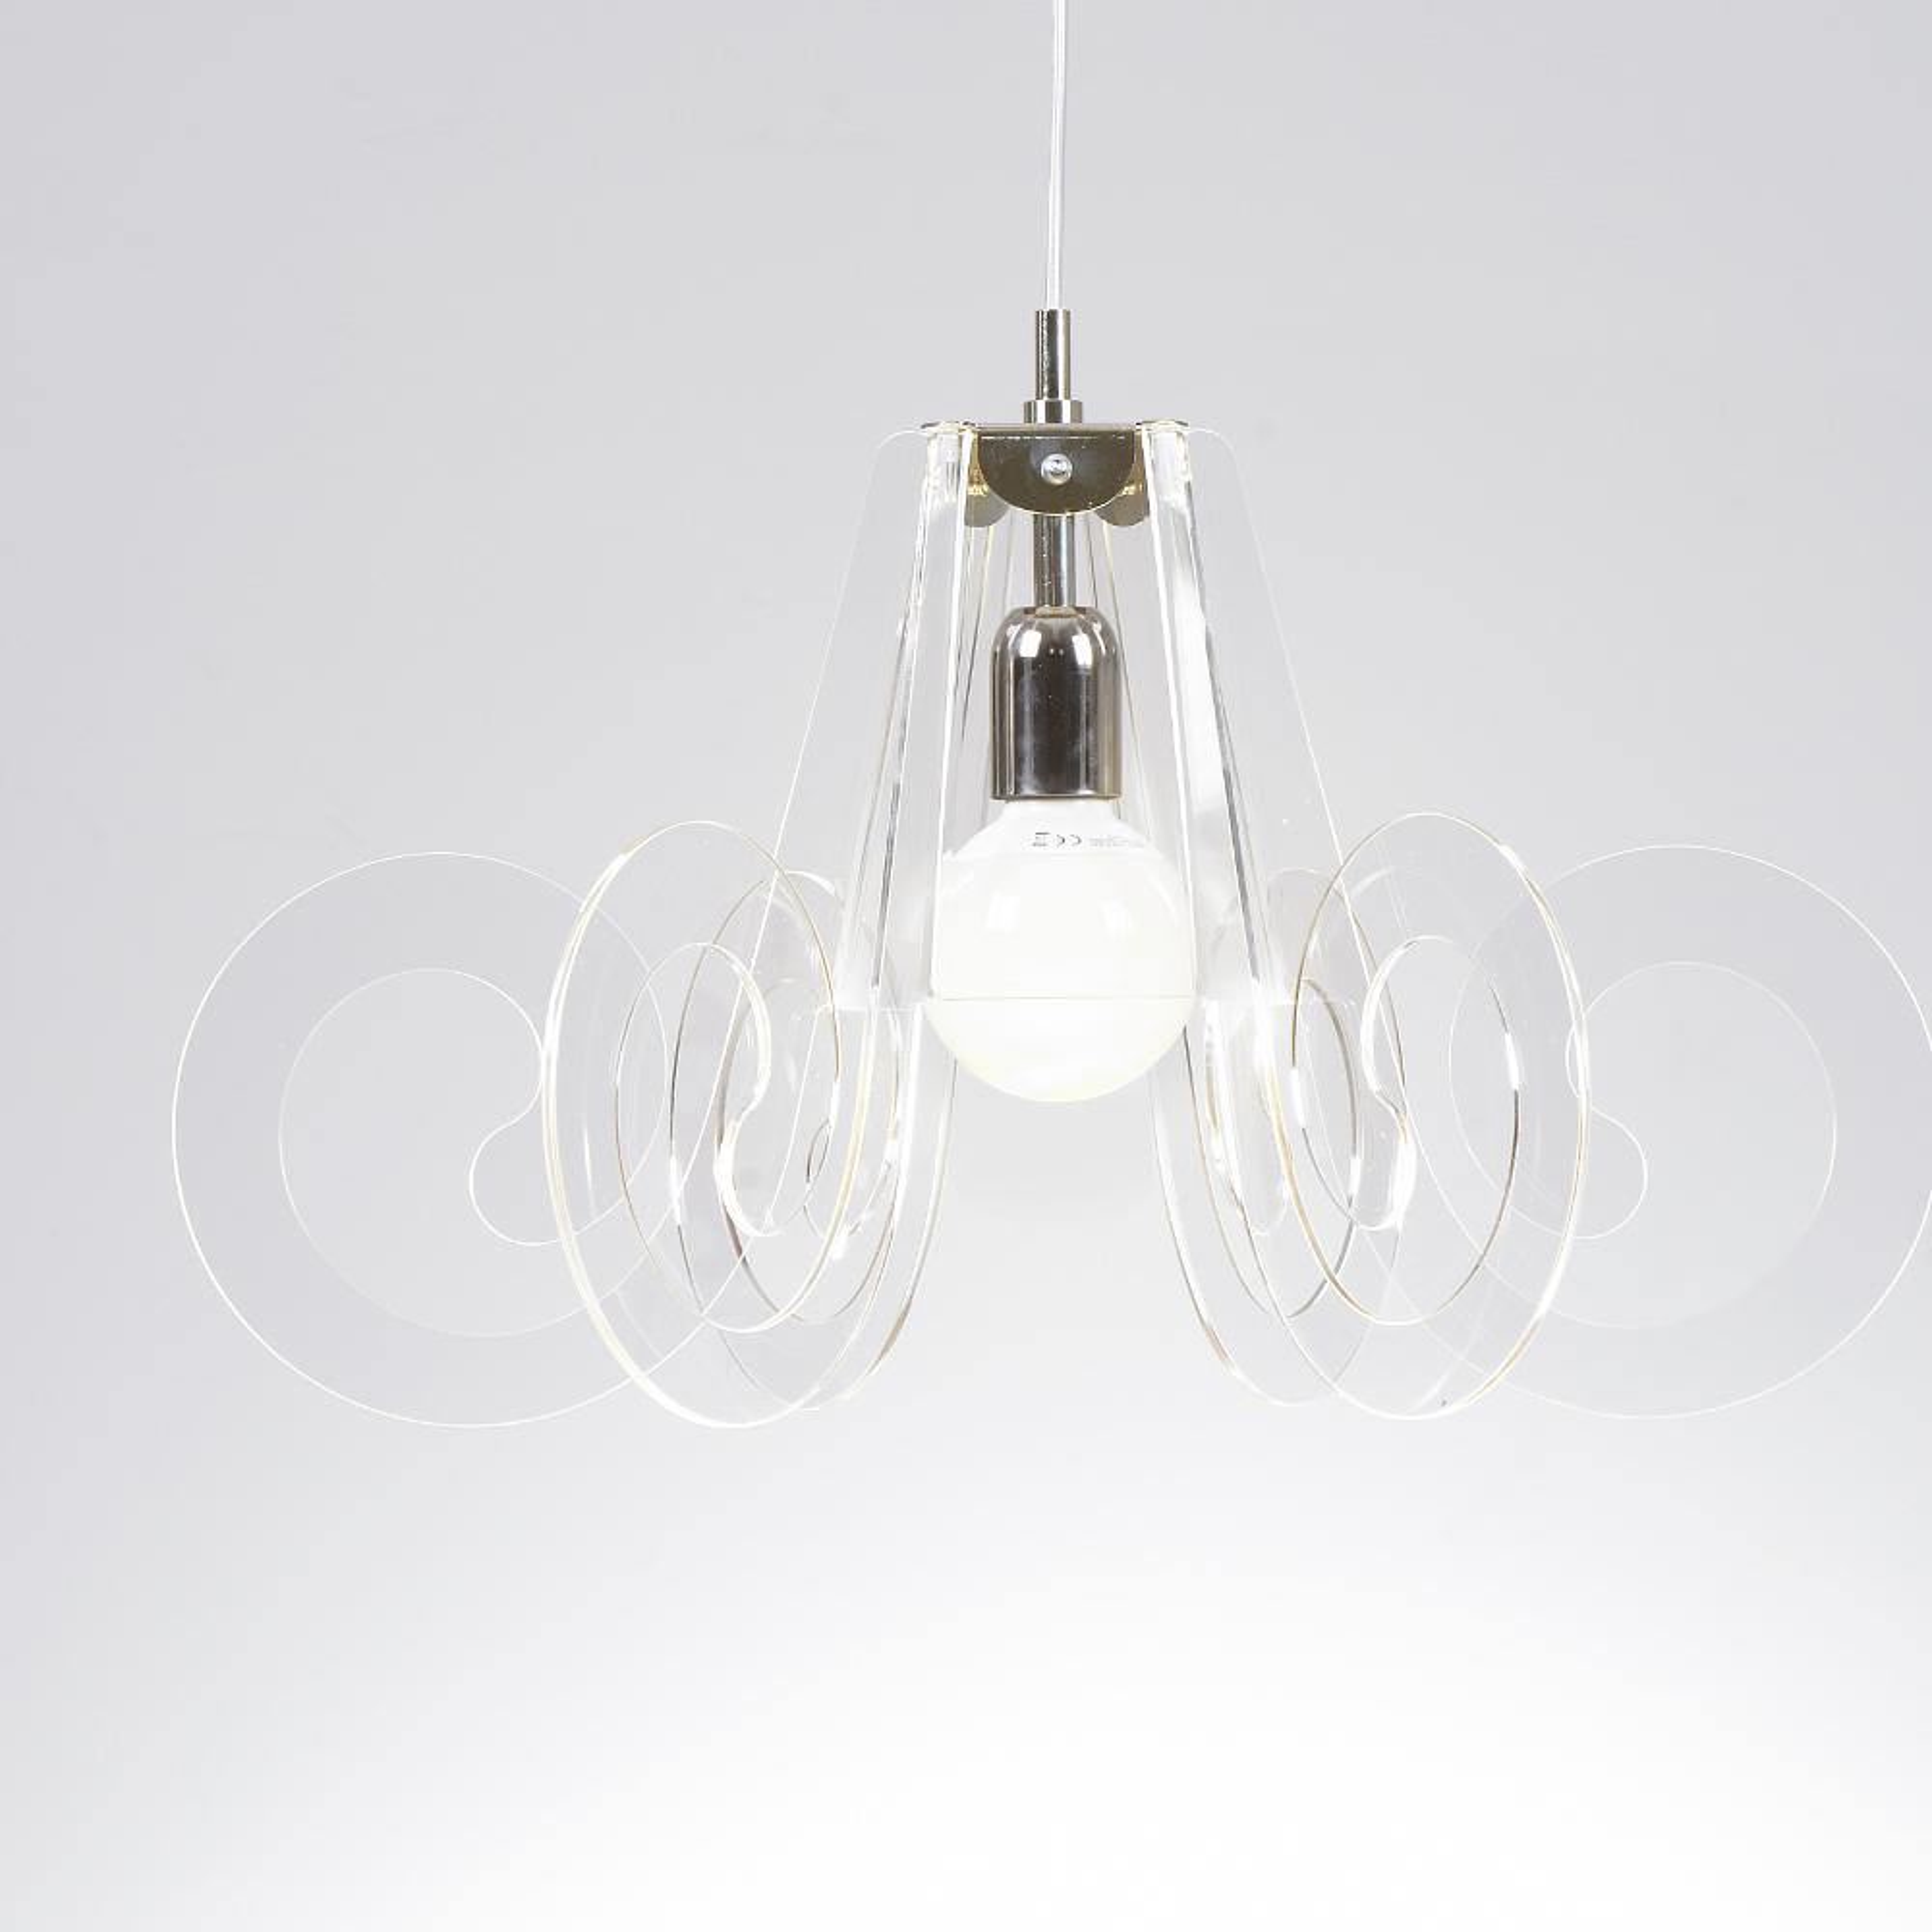 Lampada a sospensione RICCIOLO Ø75xh43 cm da soffitto con 5 riccioli in metacrilato Colore Trasparente